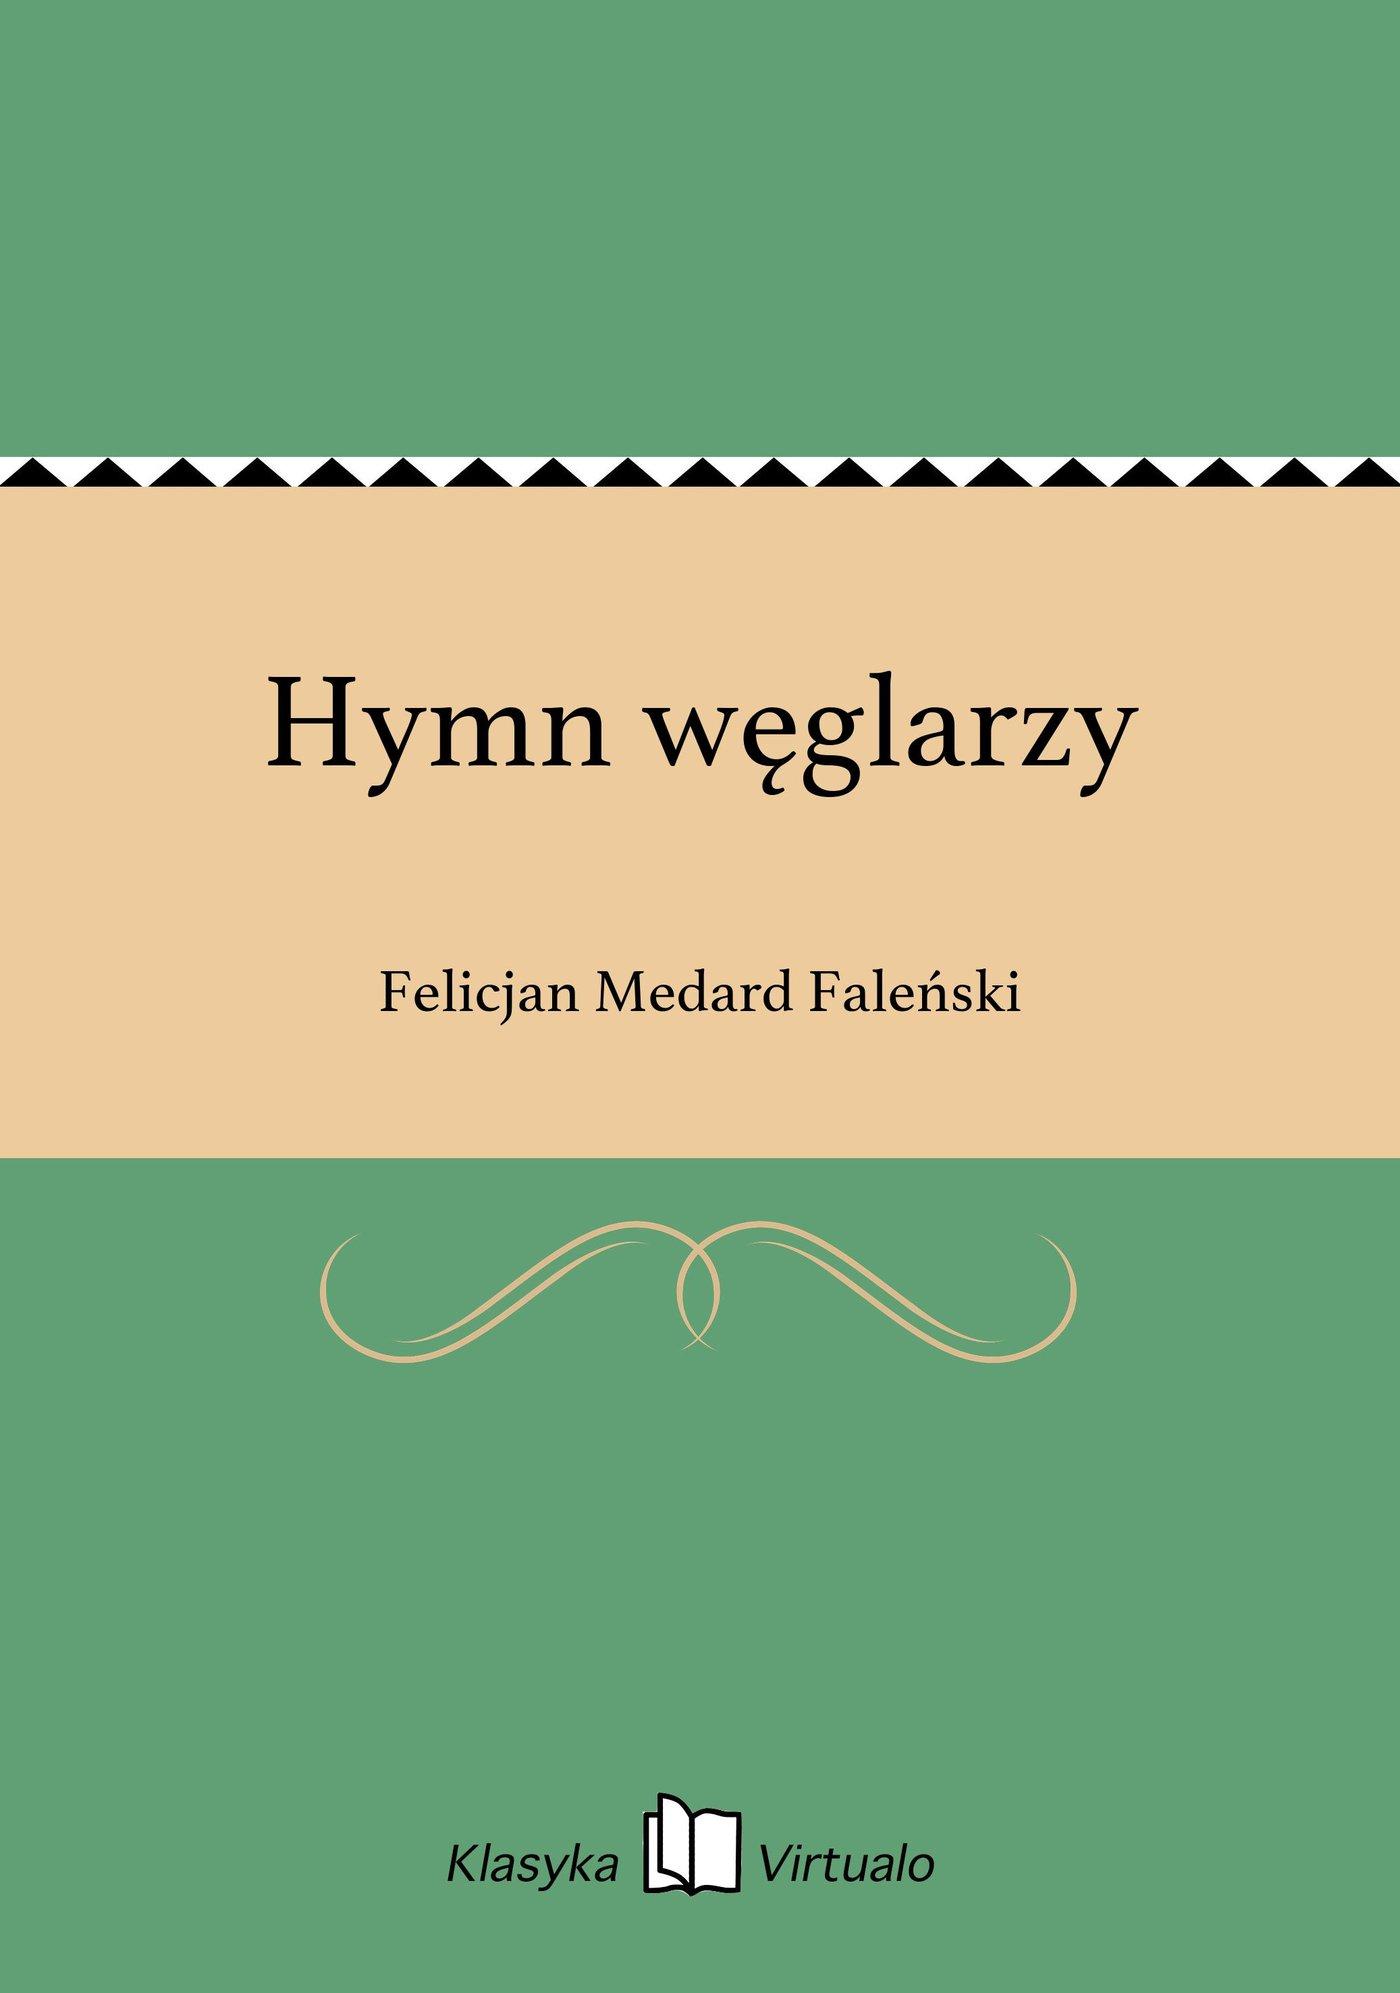 Hymn węglarzy - Ebook (Książka EPUB) do pobrania w formacie EPUB